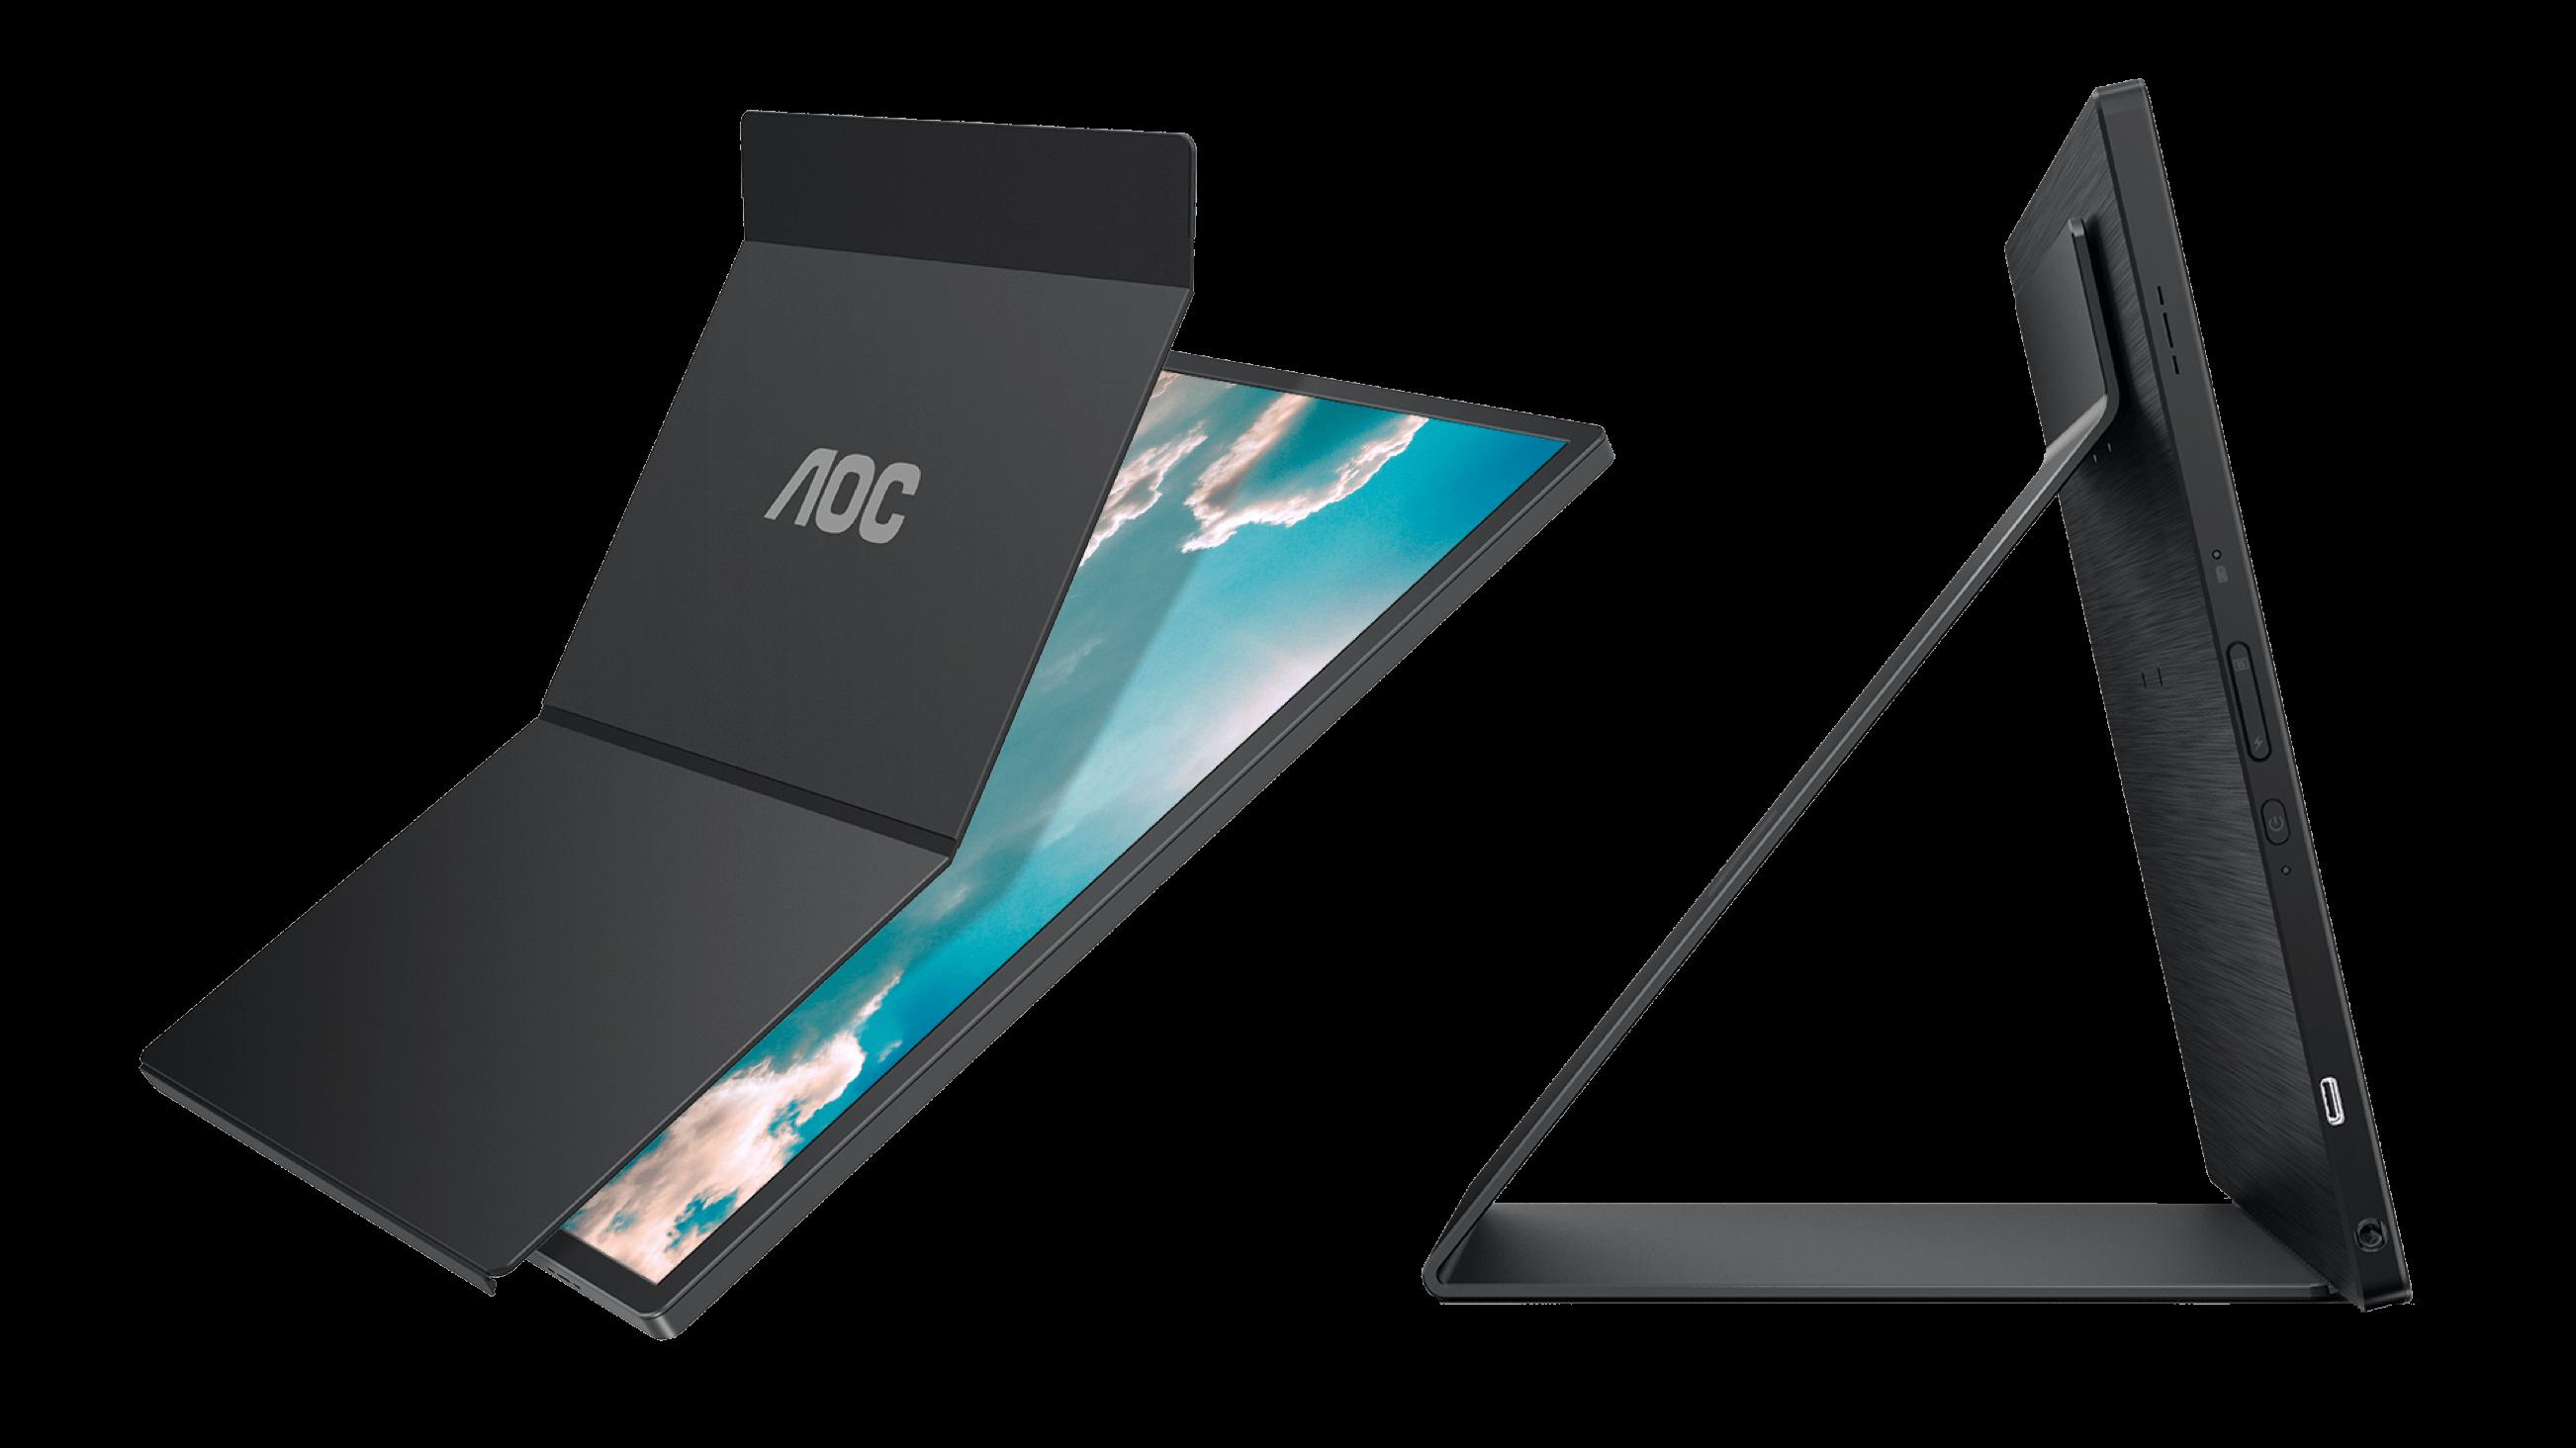 Skærmens cover kan foldes sammen og bruges som støtte.